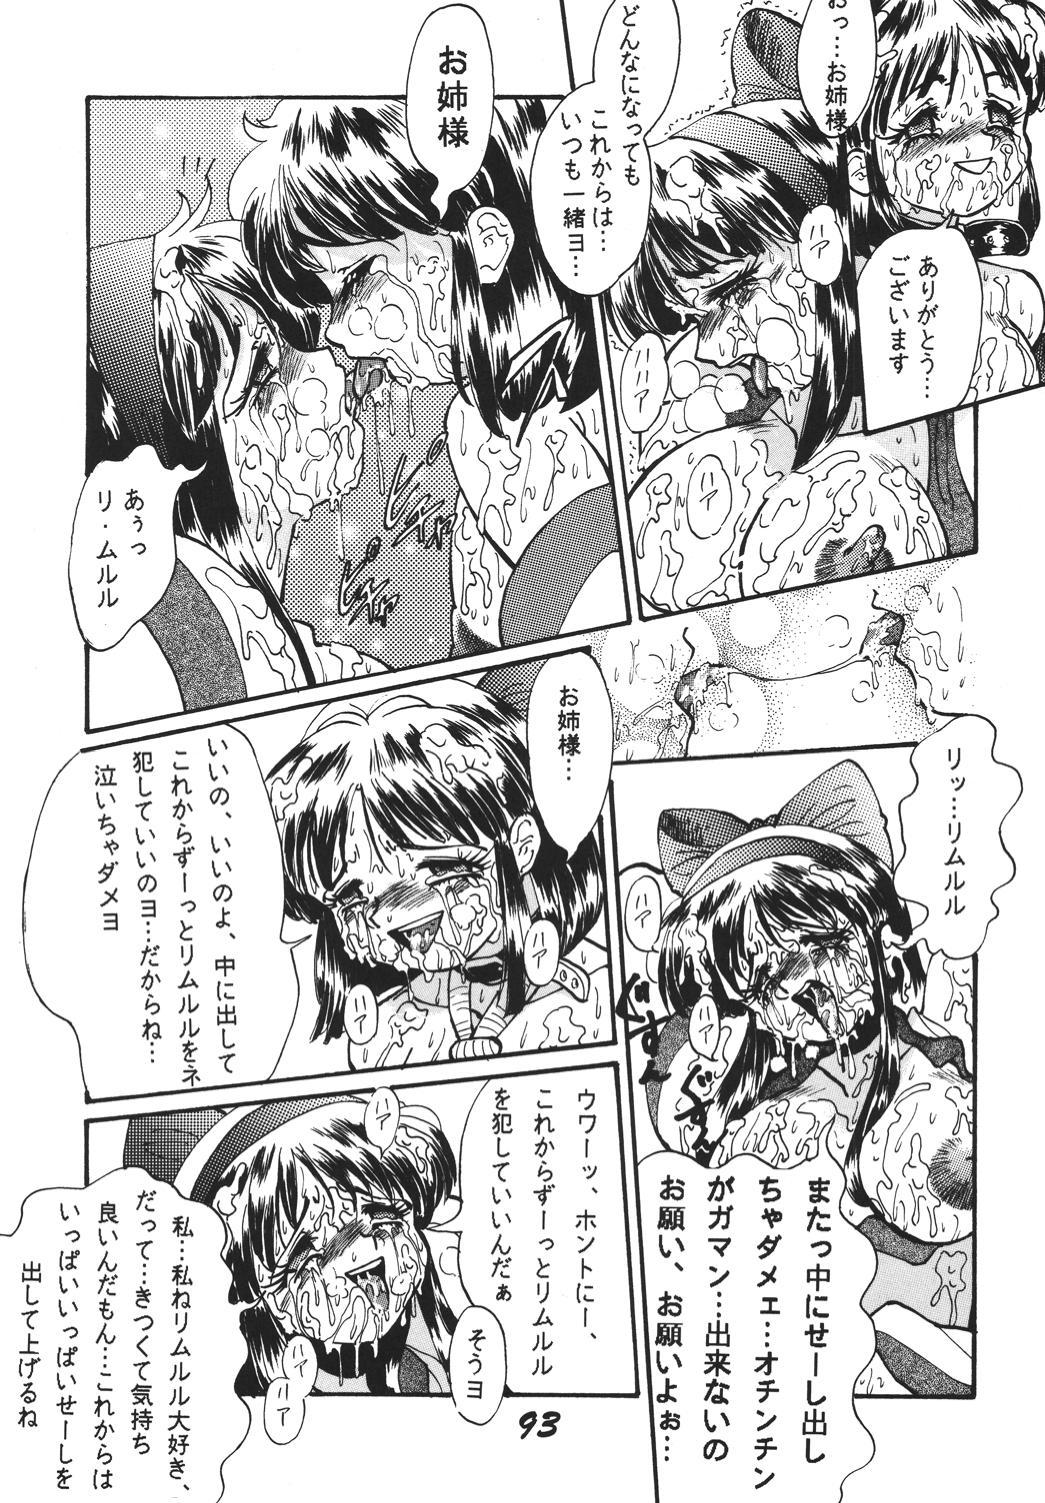 Shinkon 91